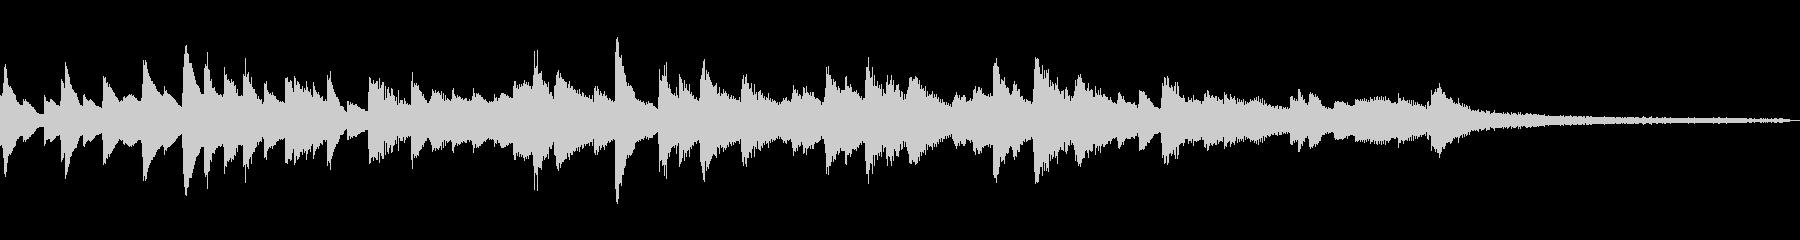 ひょうきんな和風ジングル47-ピアノソロの未再生の波形